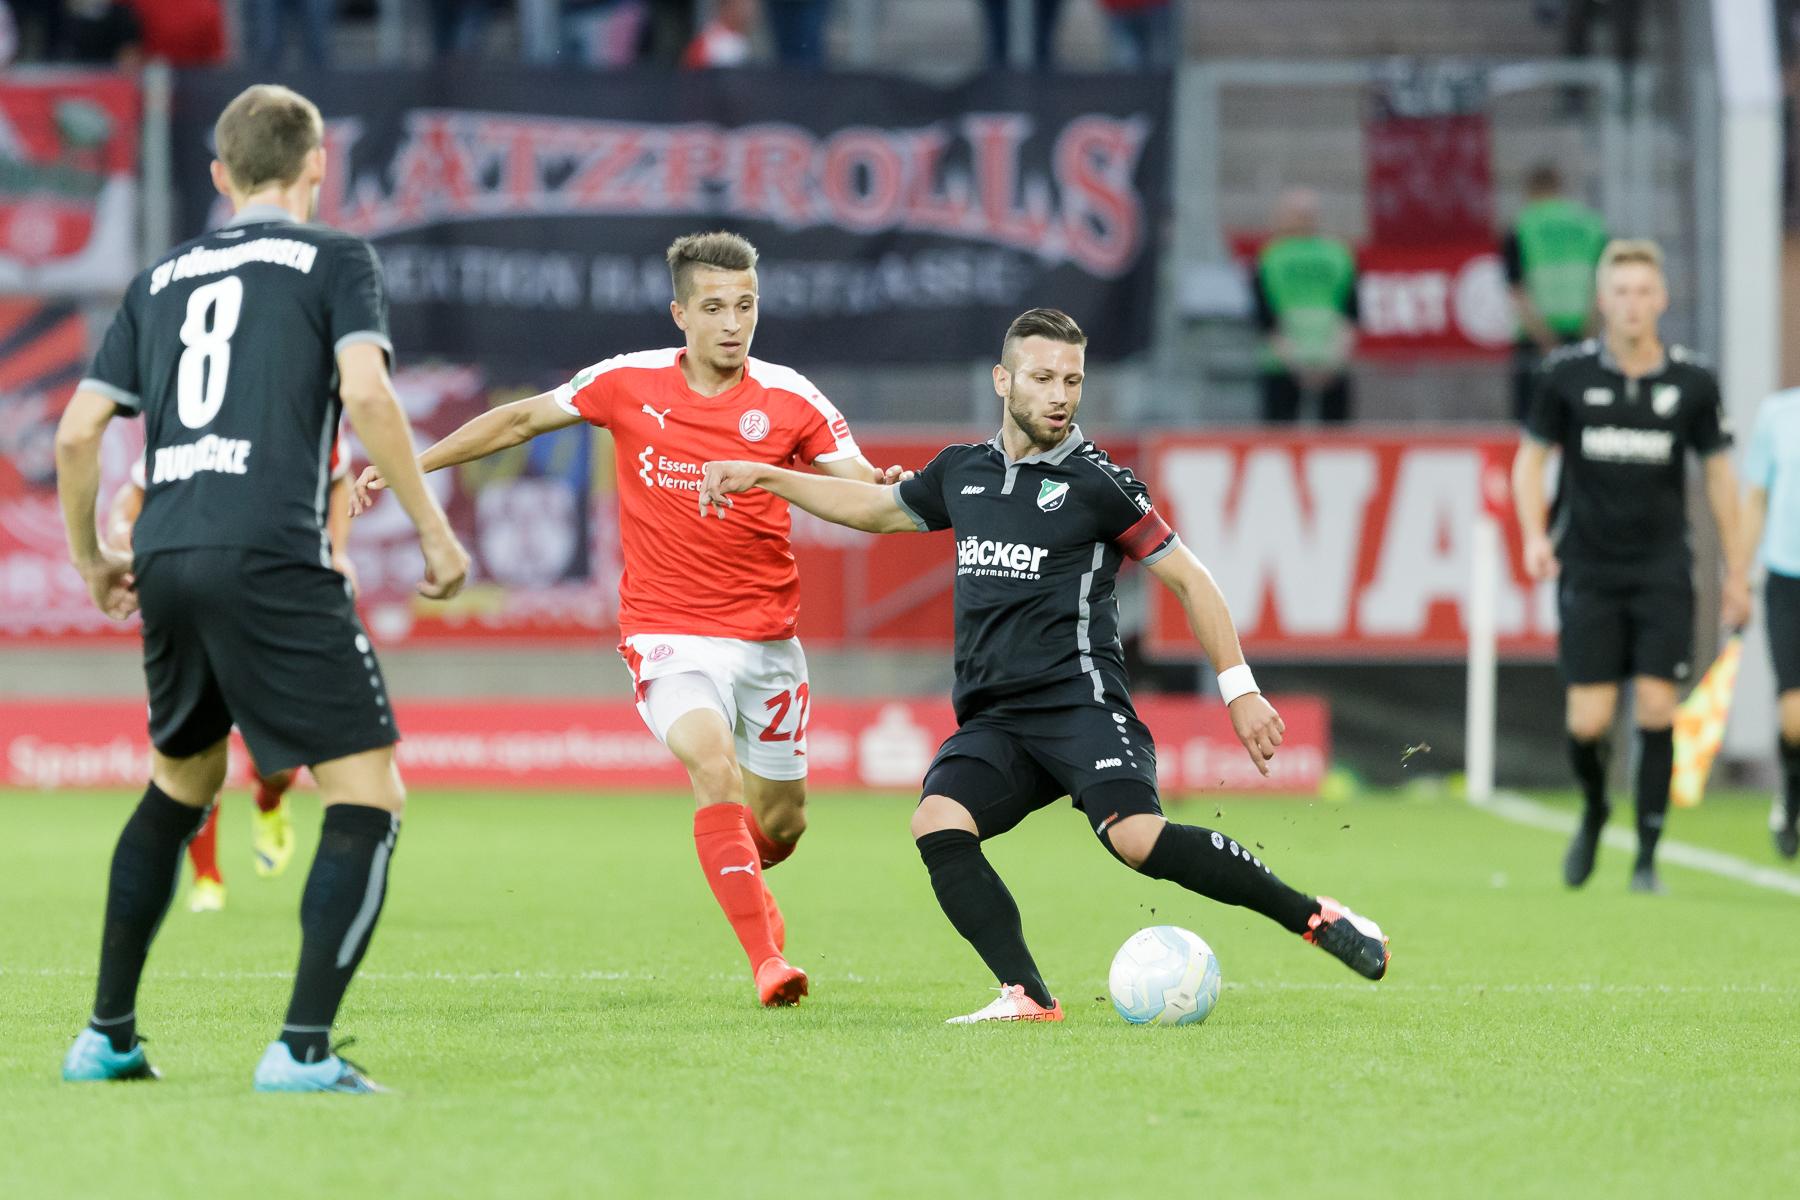 Das letzte Auswärtsspiel in Rödinghausen endete 1:1. (Foto: Endberg)